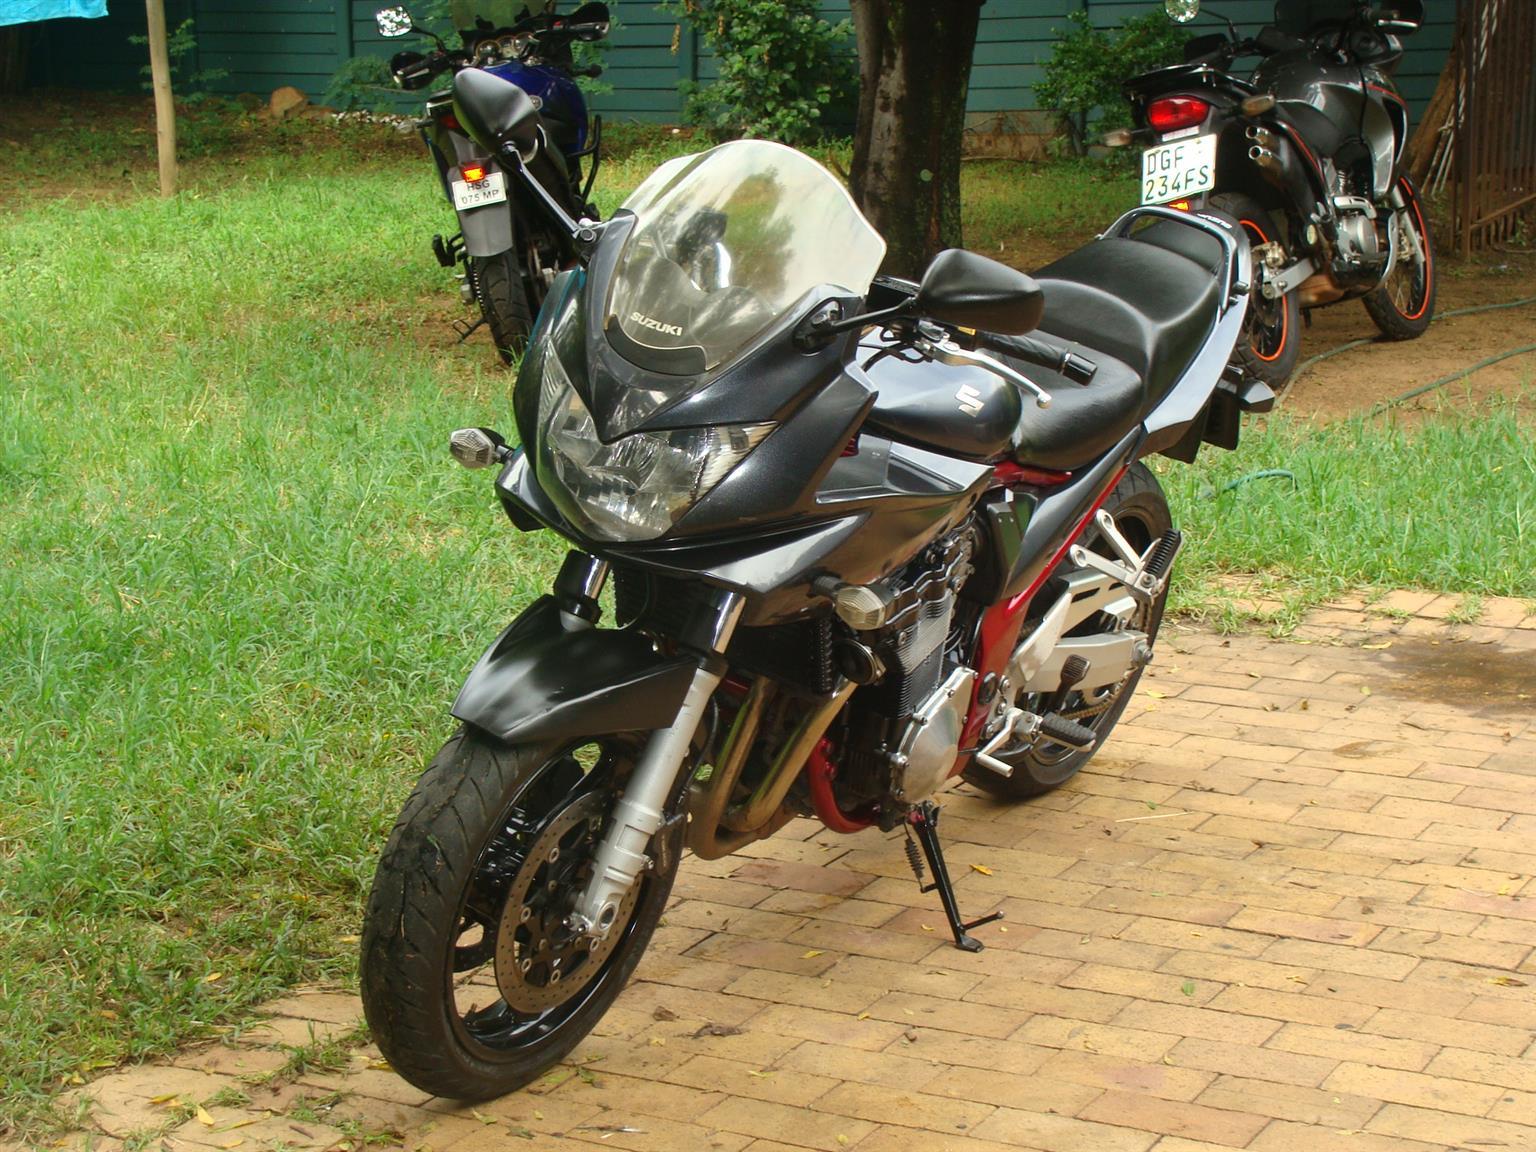 2007 Suzuki Bandit